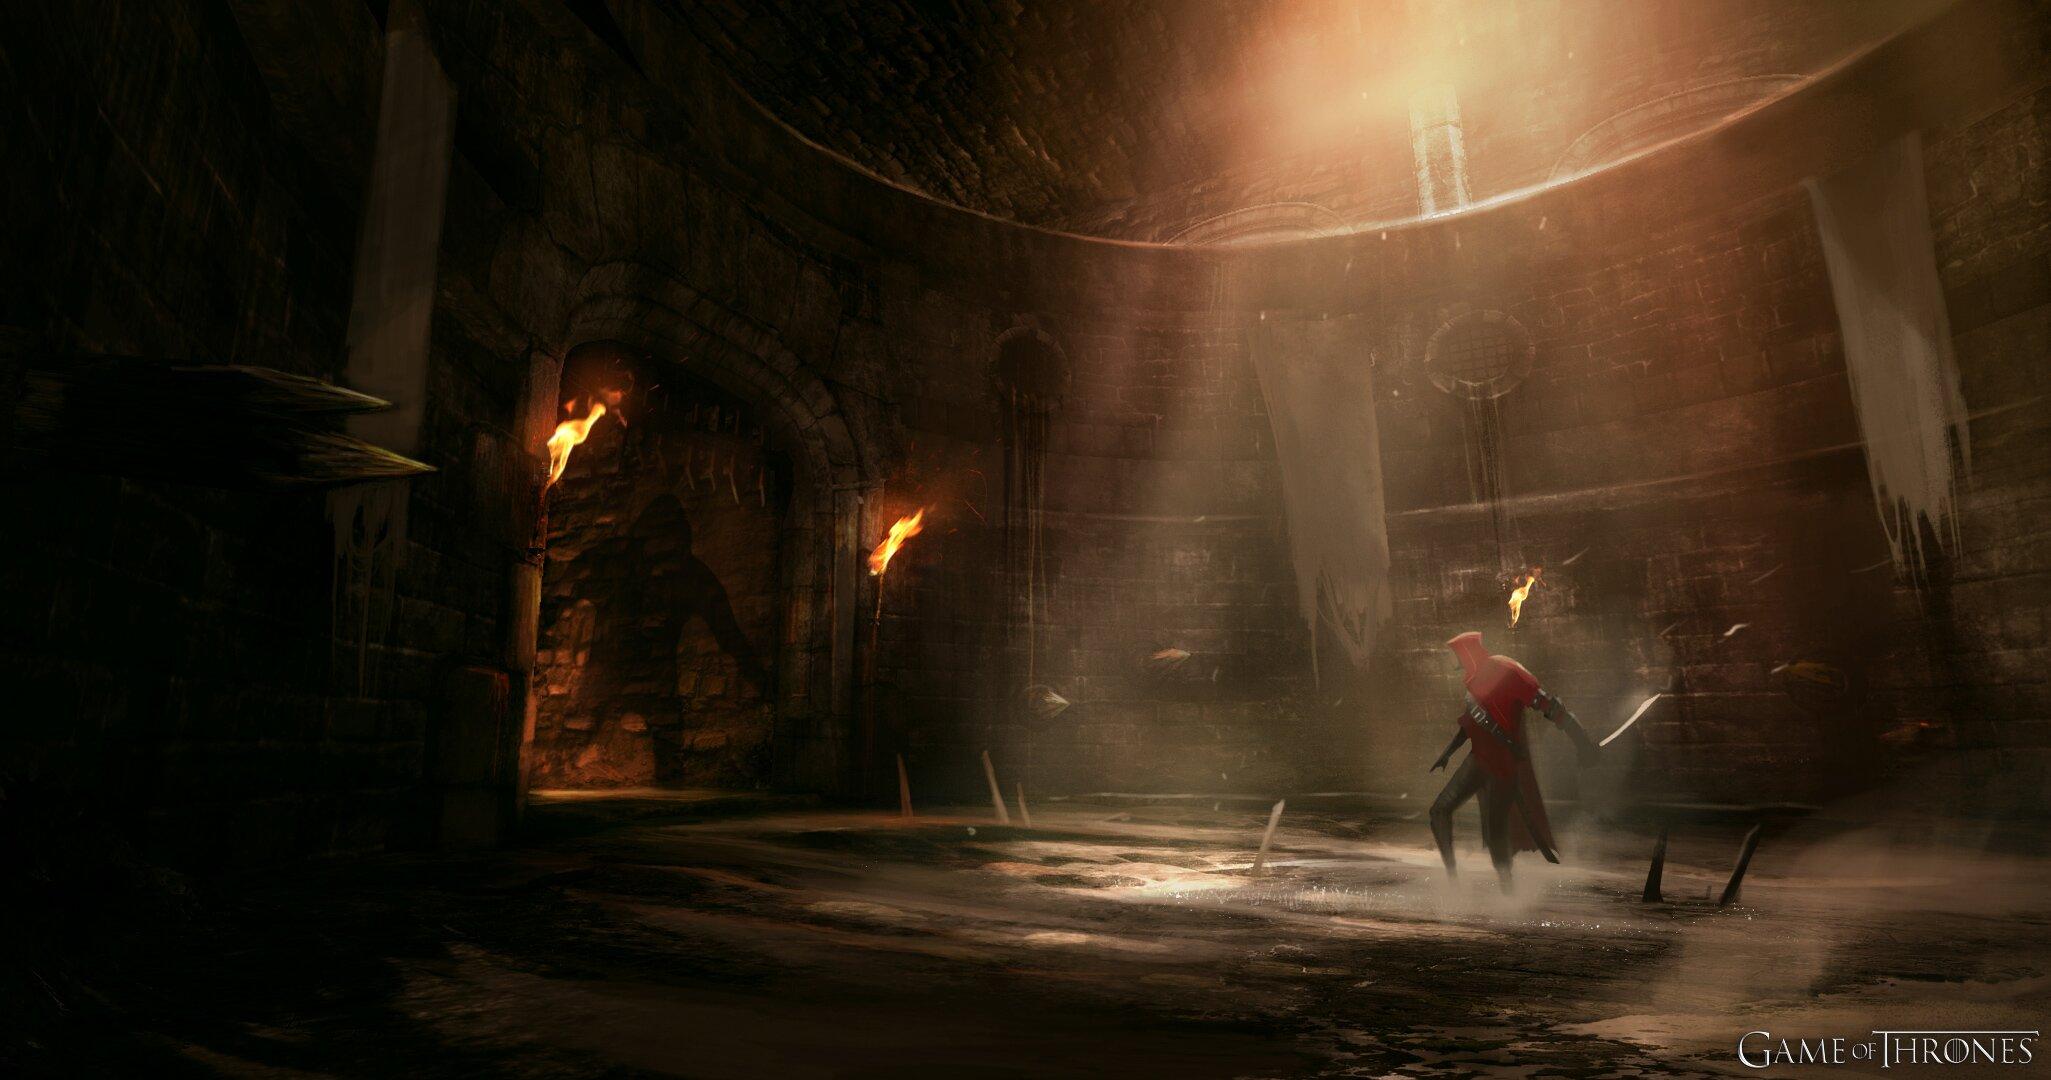 Imagenes Epicas Gameofthrones_artwork-02